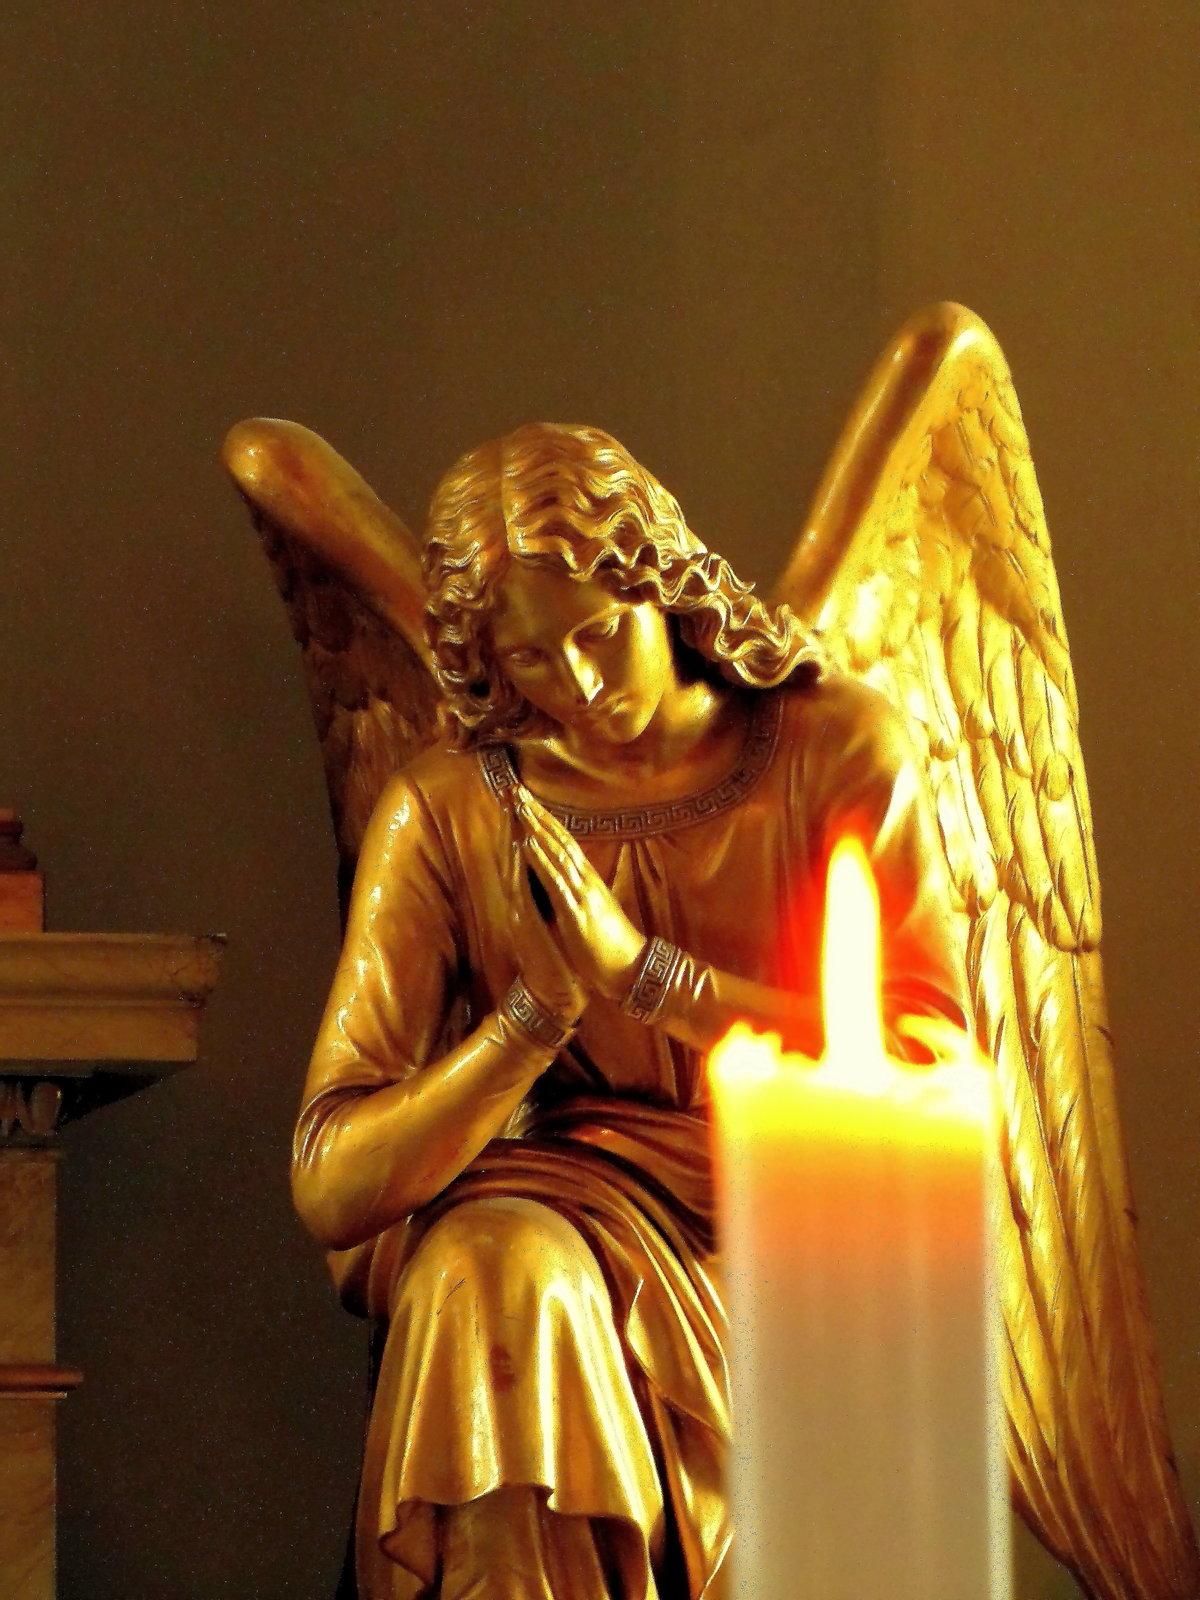 предлагаем фотографии рисунки скорбящих ангелов десять лет